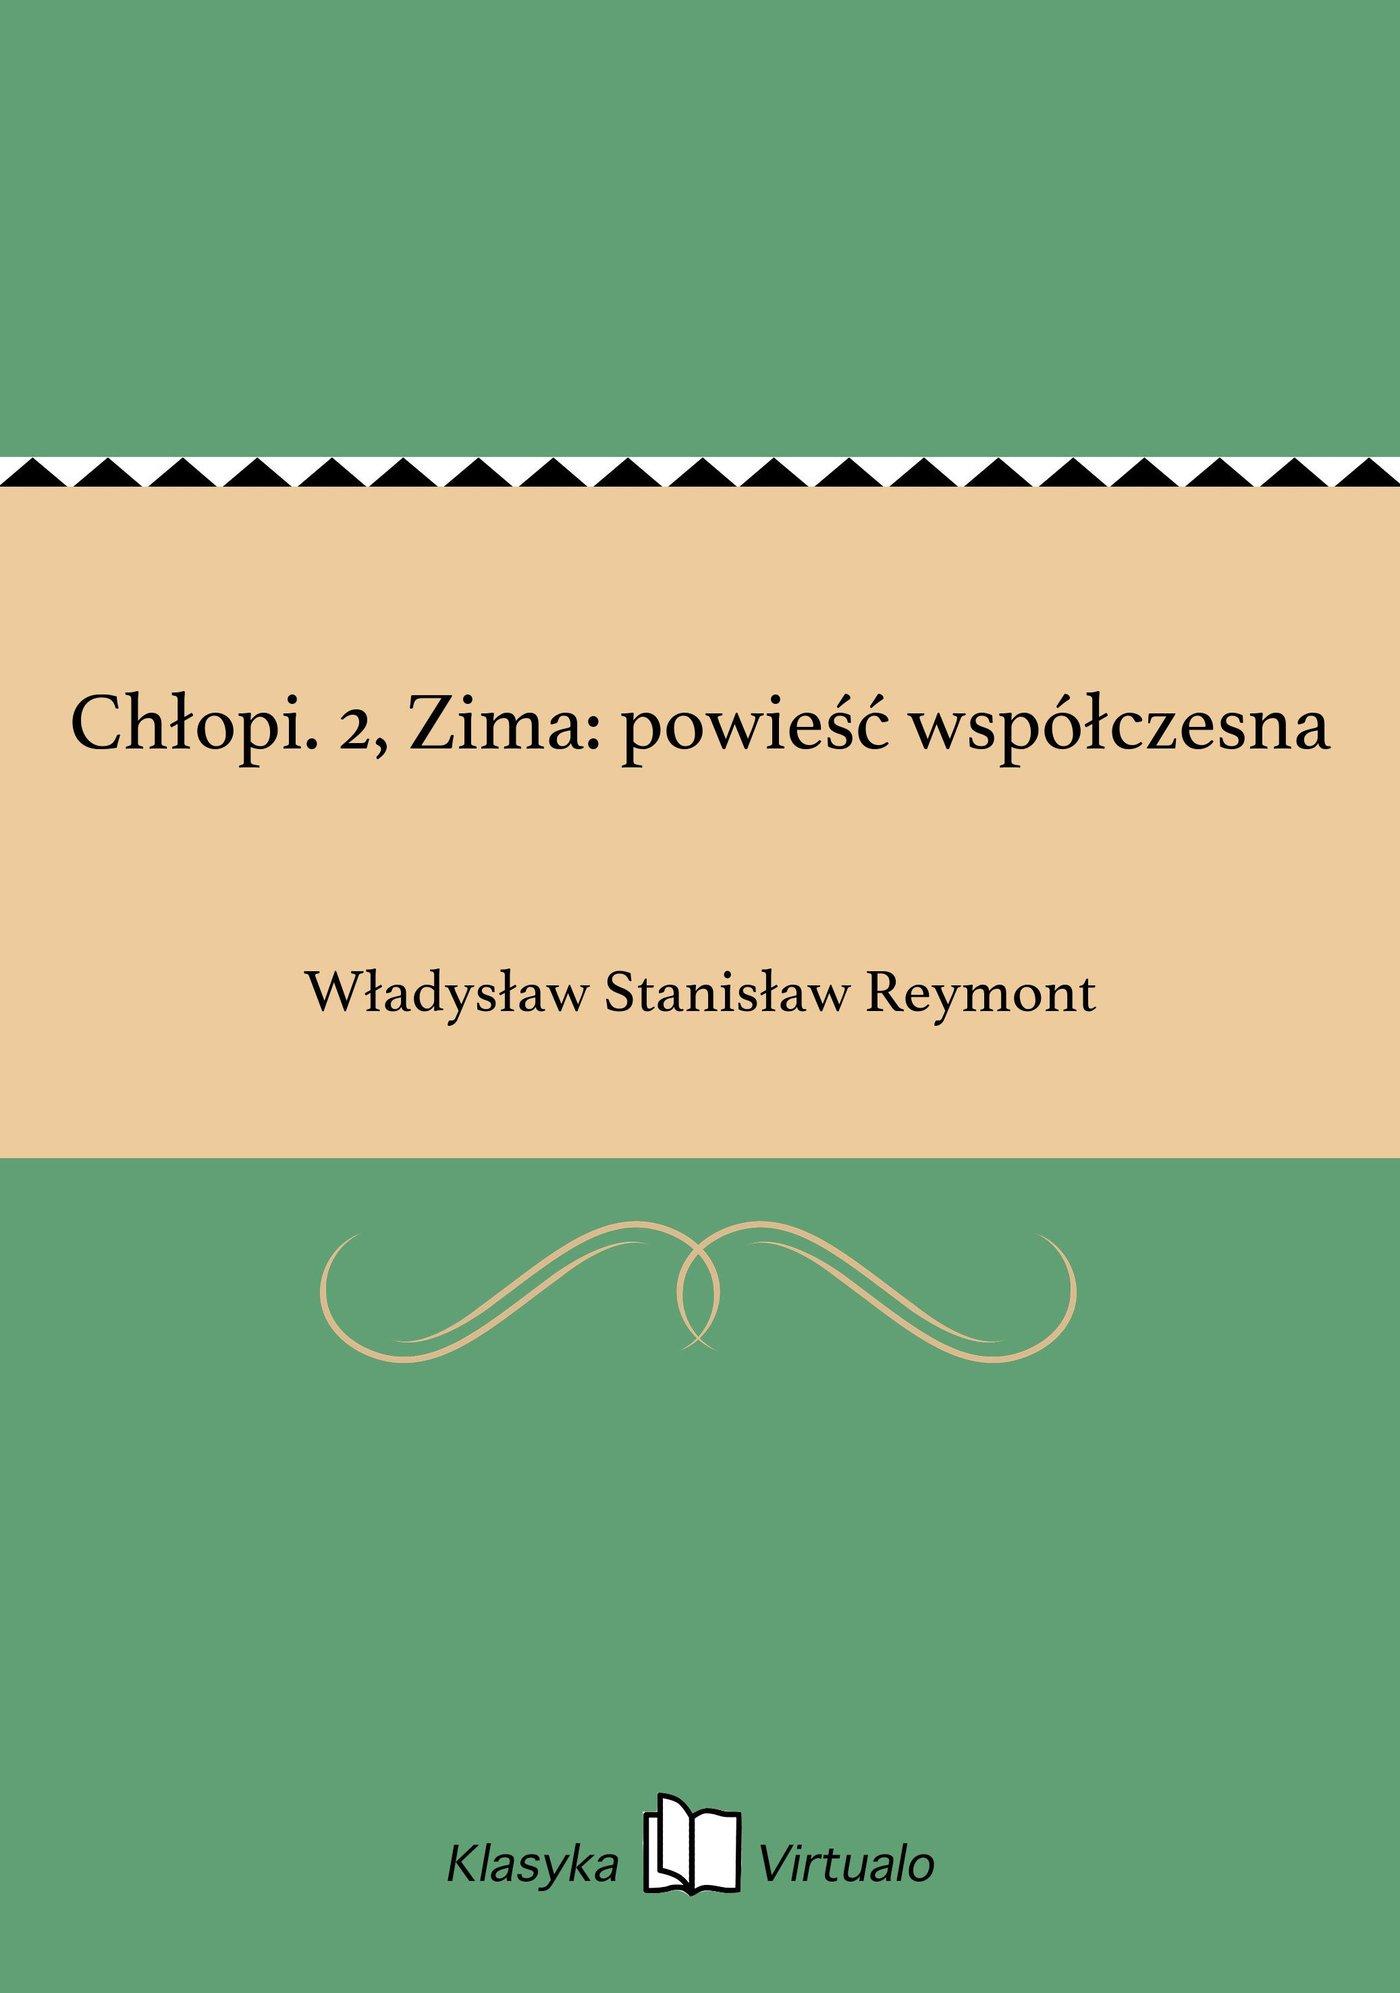 Chłopi. 2, Zima: powieść współczesna - Ebook (Książka EPUB) do pobrania w formacie EPUB